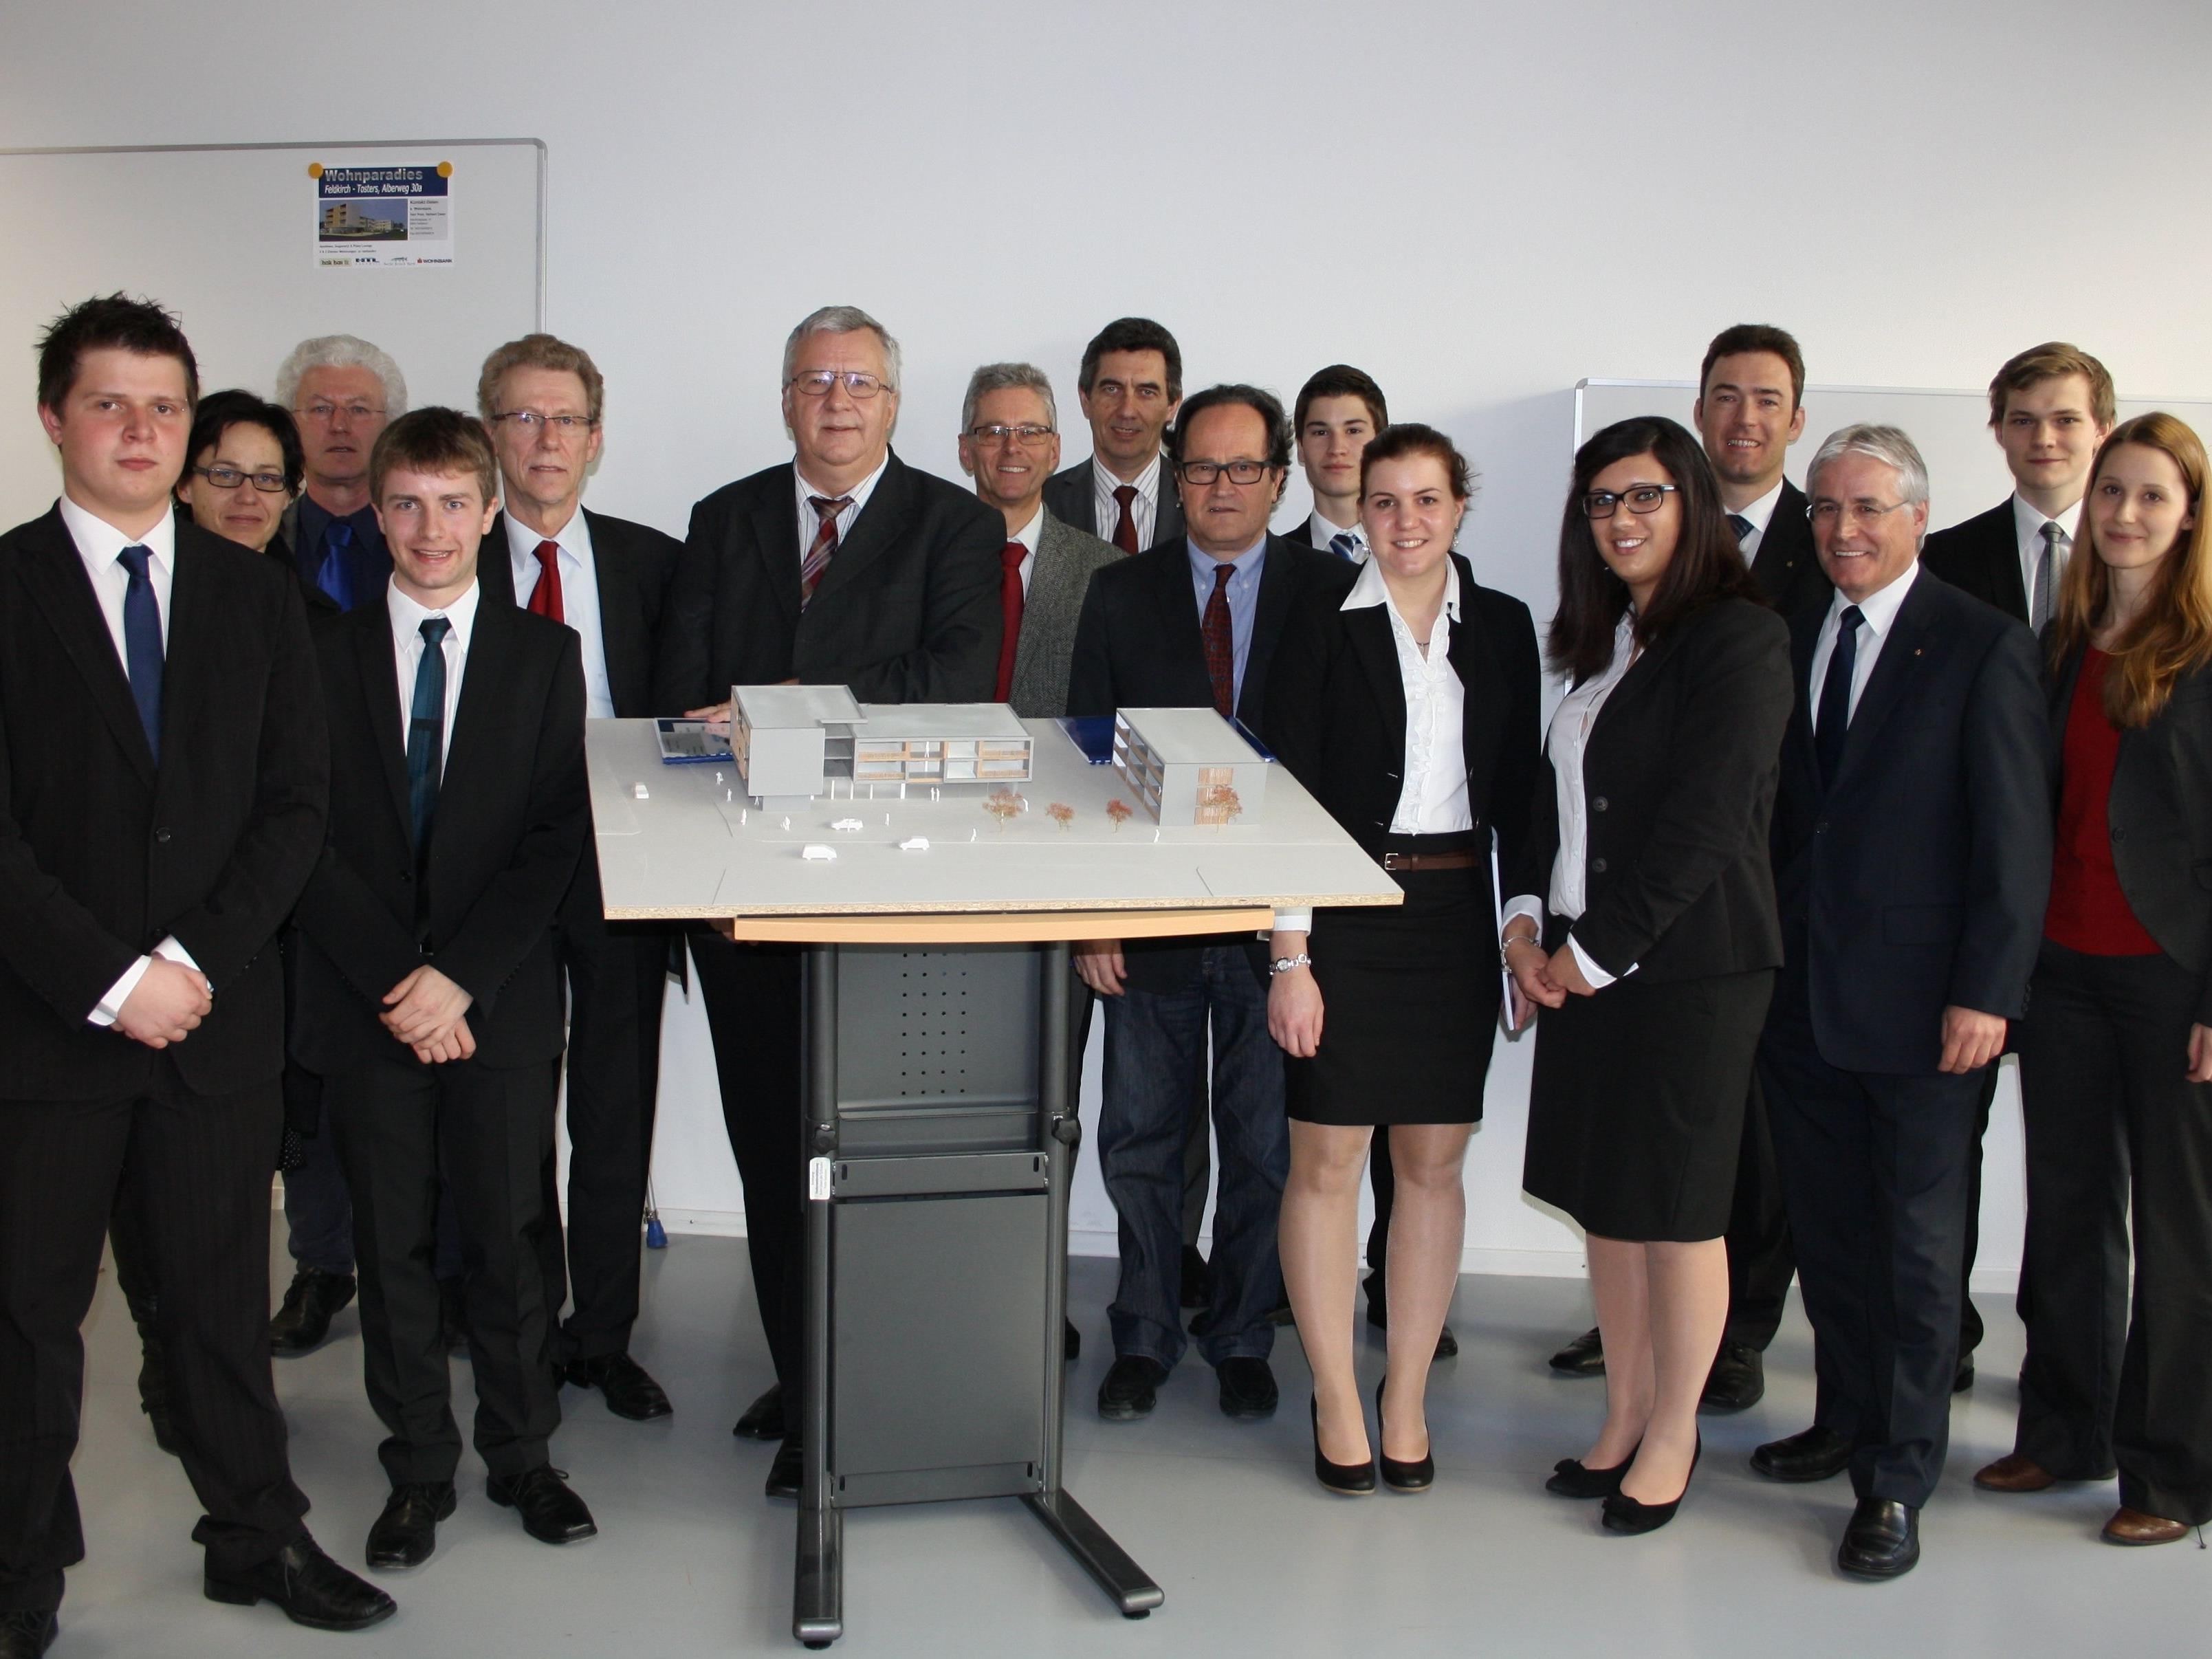 Auch das gemeinsame Schulprojekt von HTL Rankweil (Peter Fink, Lukas Lanser, Stephan Mauser) und HAK Feldkirch (Kathrin Dür, Corina Kuhn, Bernd Rauch) entstand mit Unterstützung der Sparkasse Feldkirch.